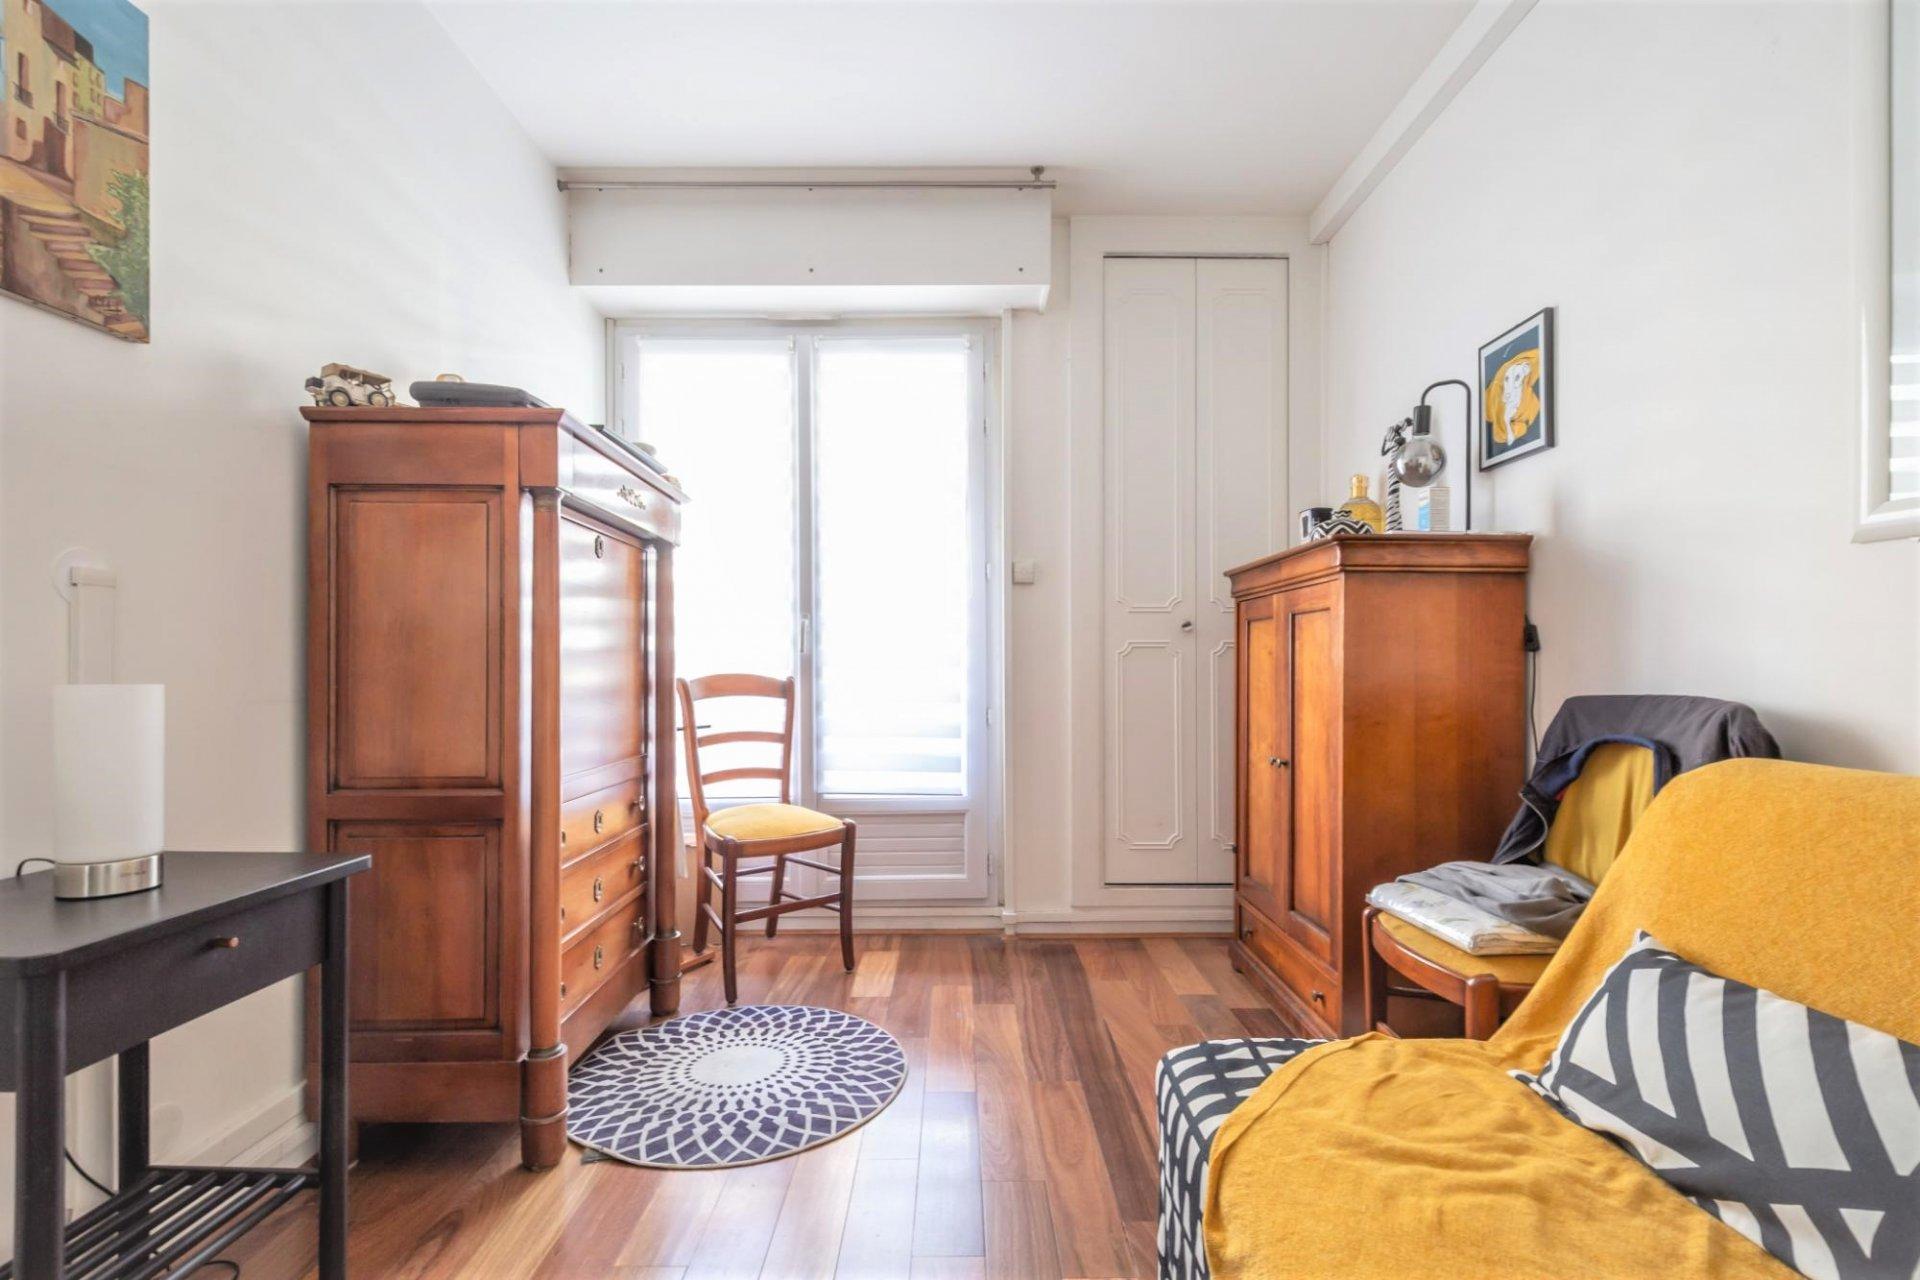 NUE-PROPRIETE APPARTEMENT 3-4 pièces 86 m² CENTRE VILLE